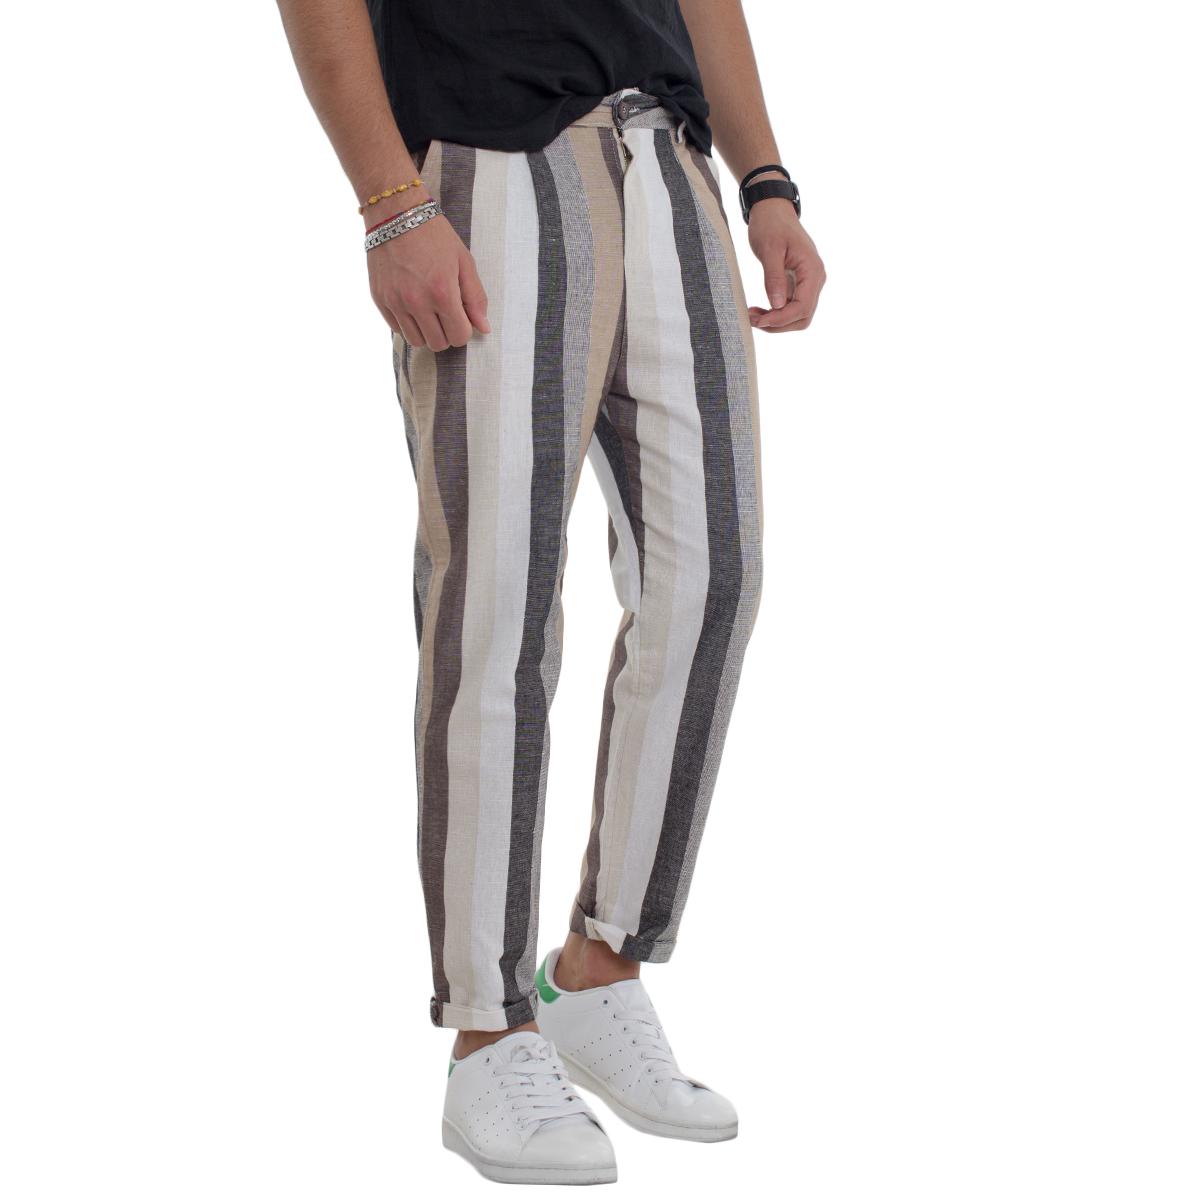 Pantalone-Uomo-Righe-Tasca-America-Rigato-Leggero-Slim-GIOSAL miniatura 5